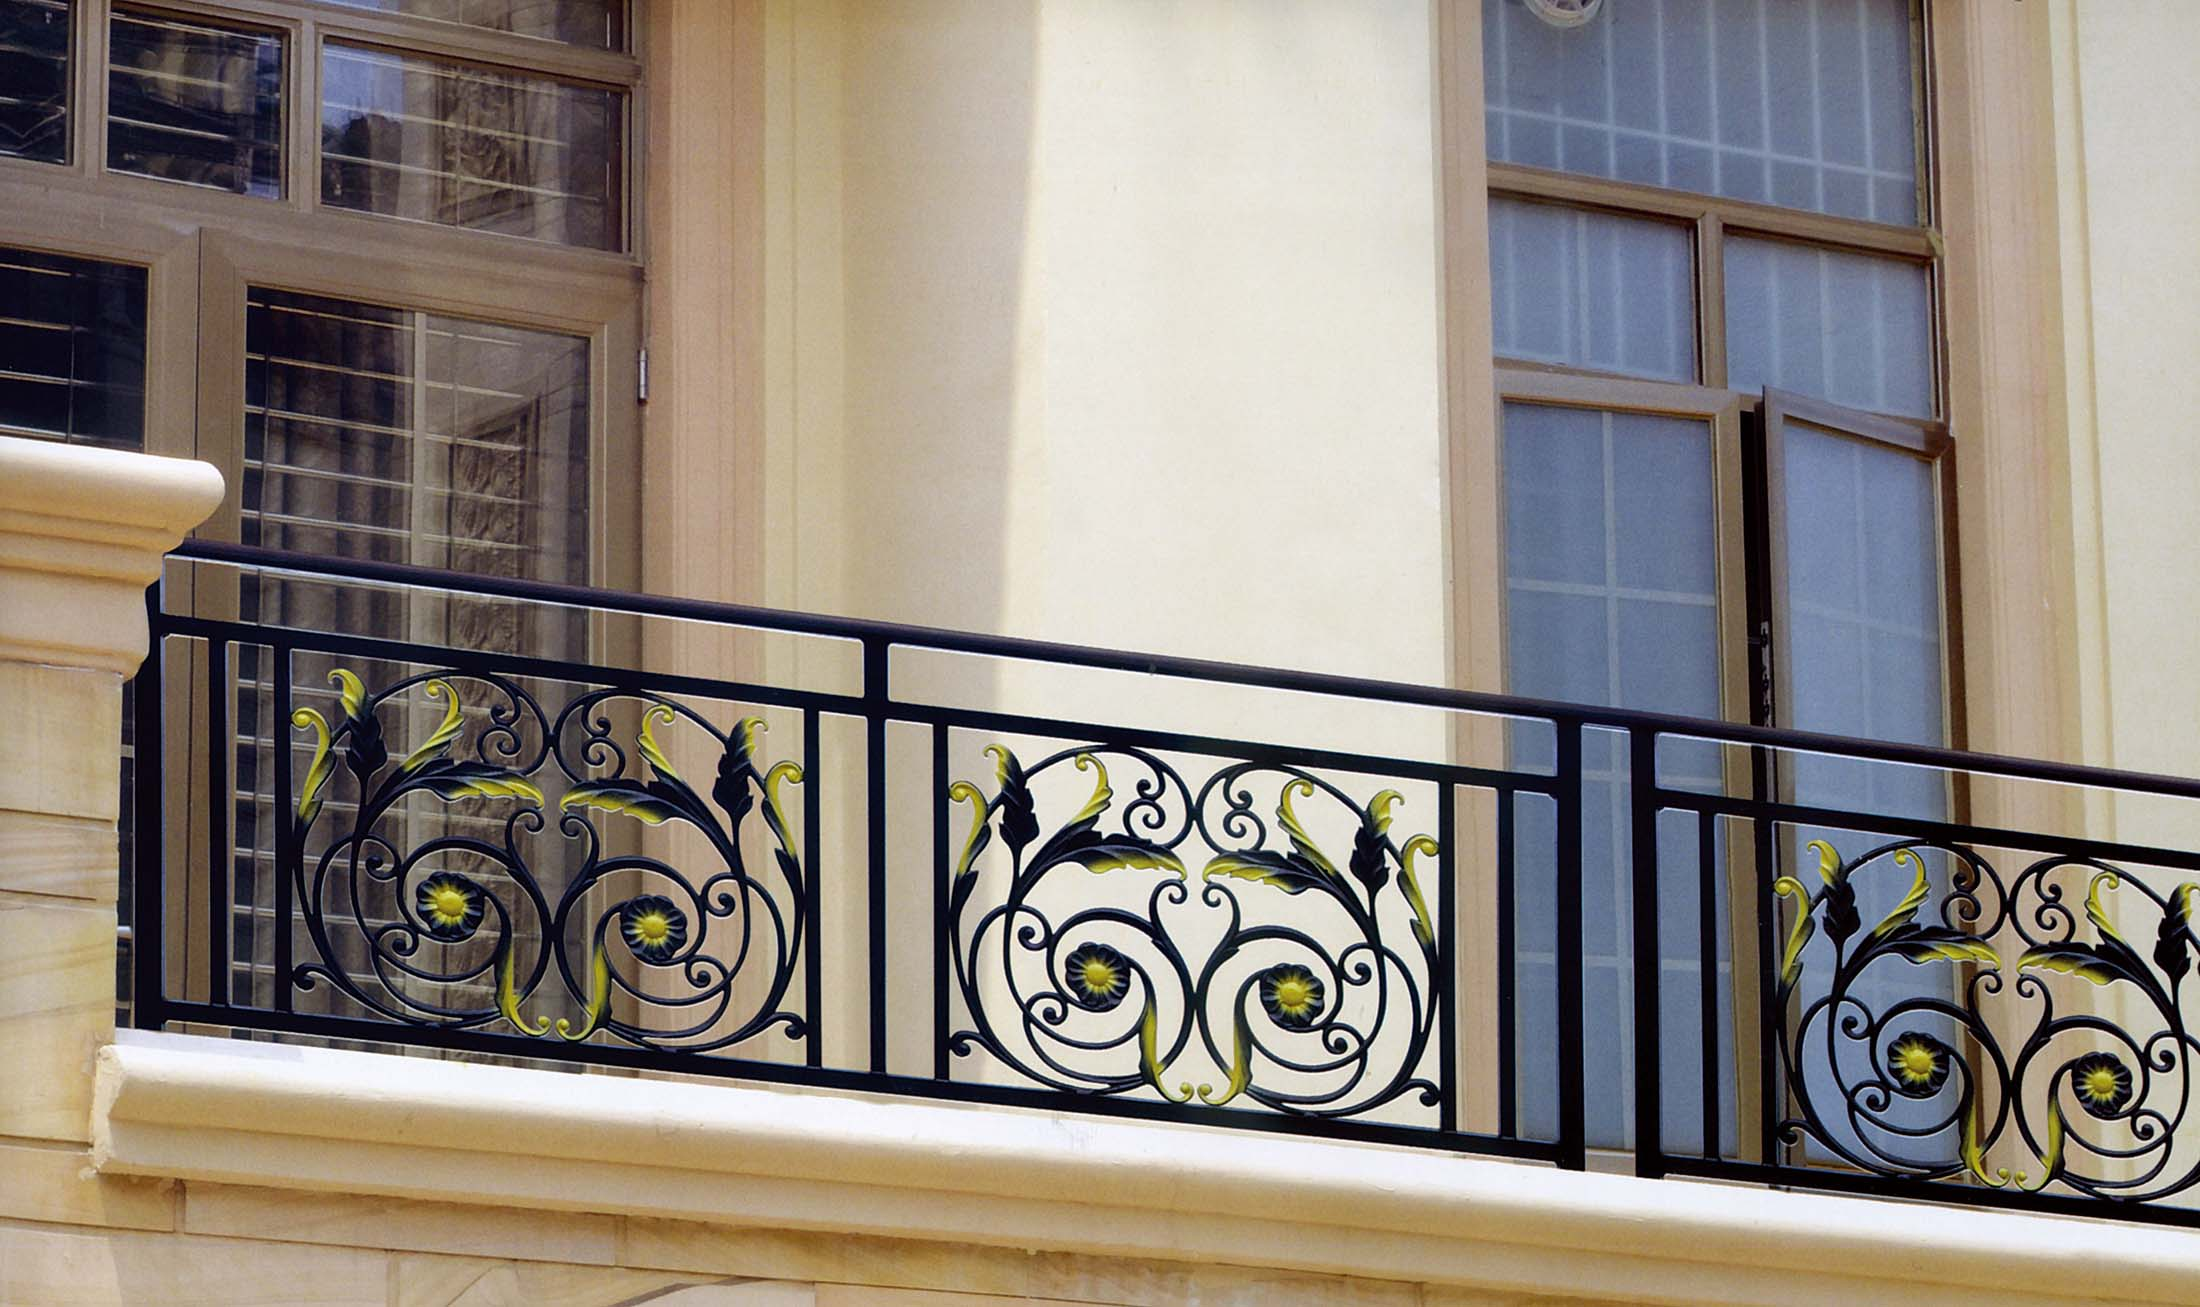 镀锌钢阳台护栏飘窗栏杆扶手装饰欧式室内田园窗户